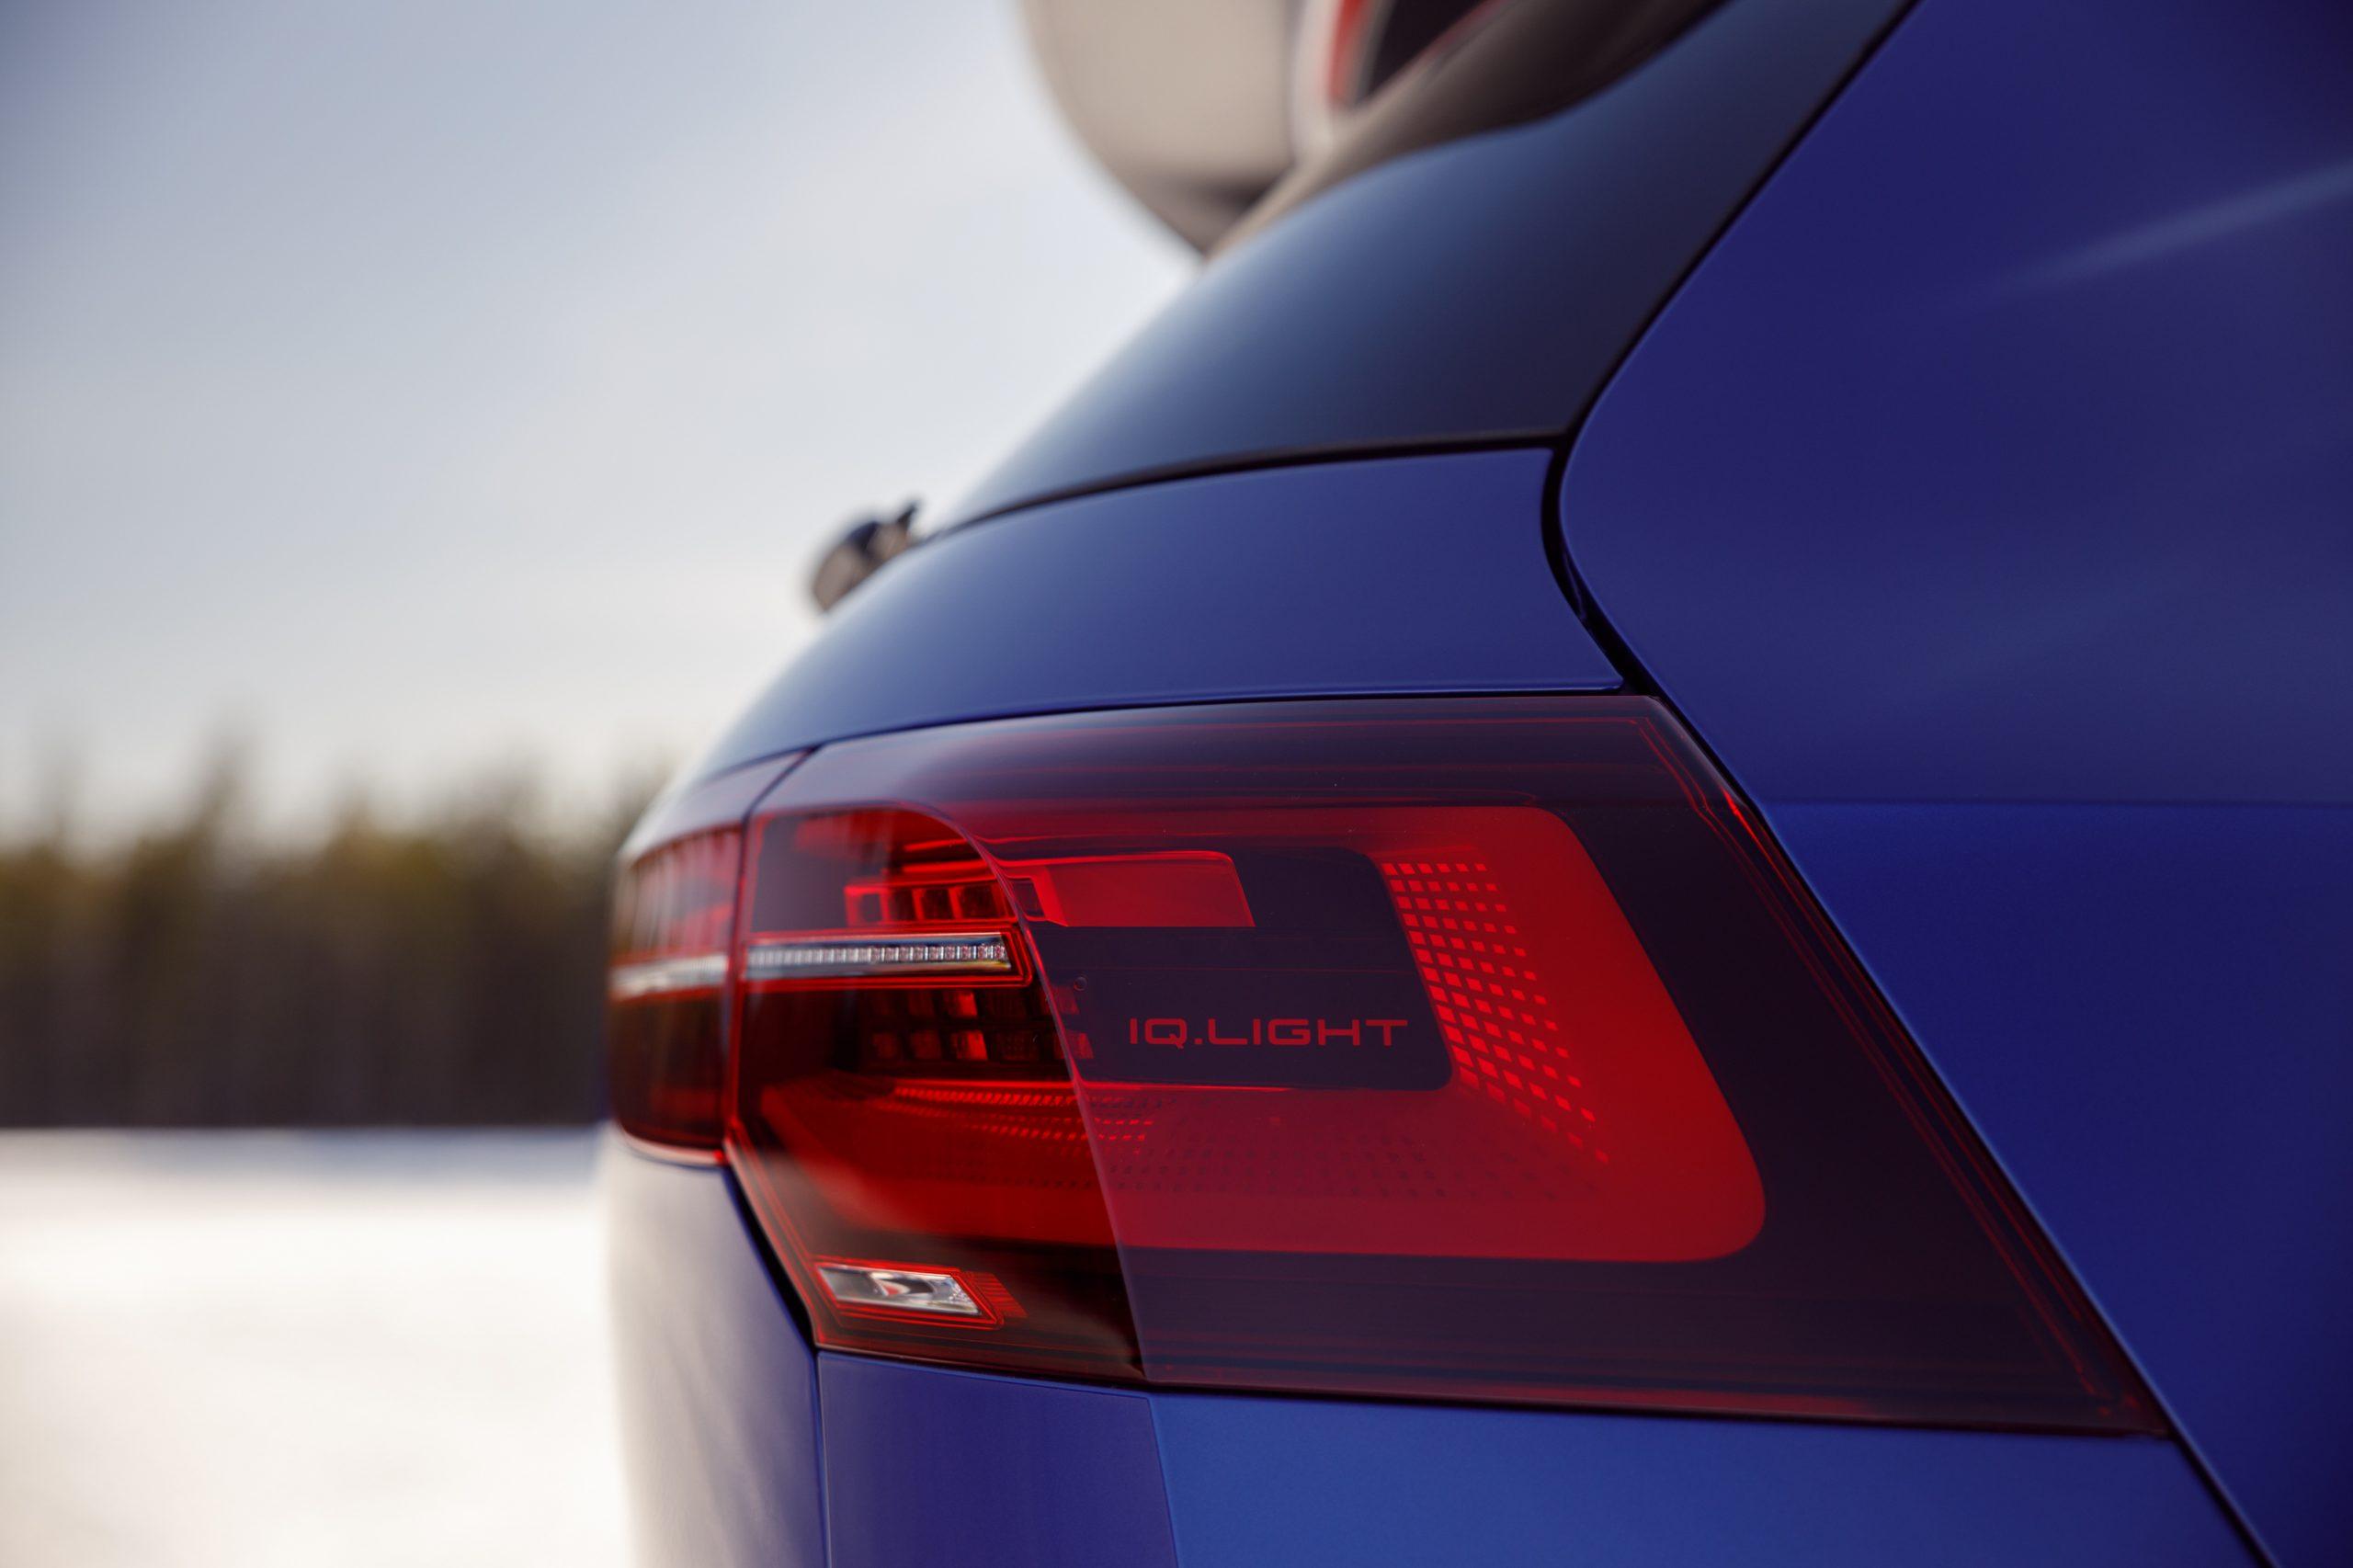 2022 Volkswagen Golf R taillight detail